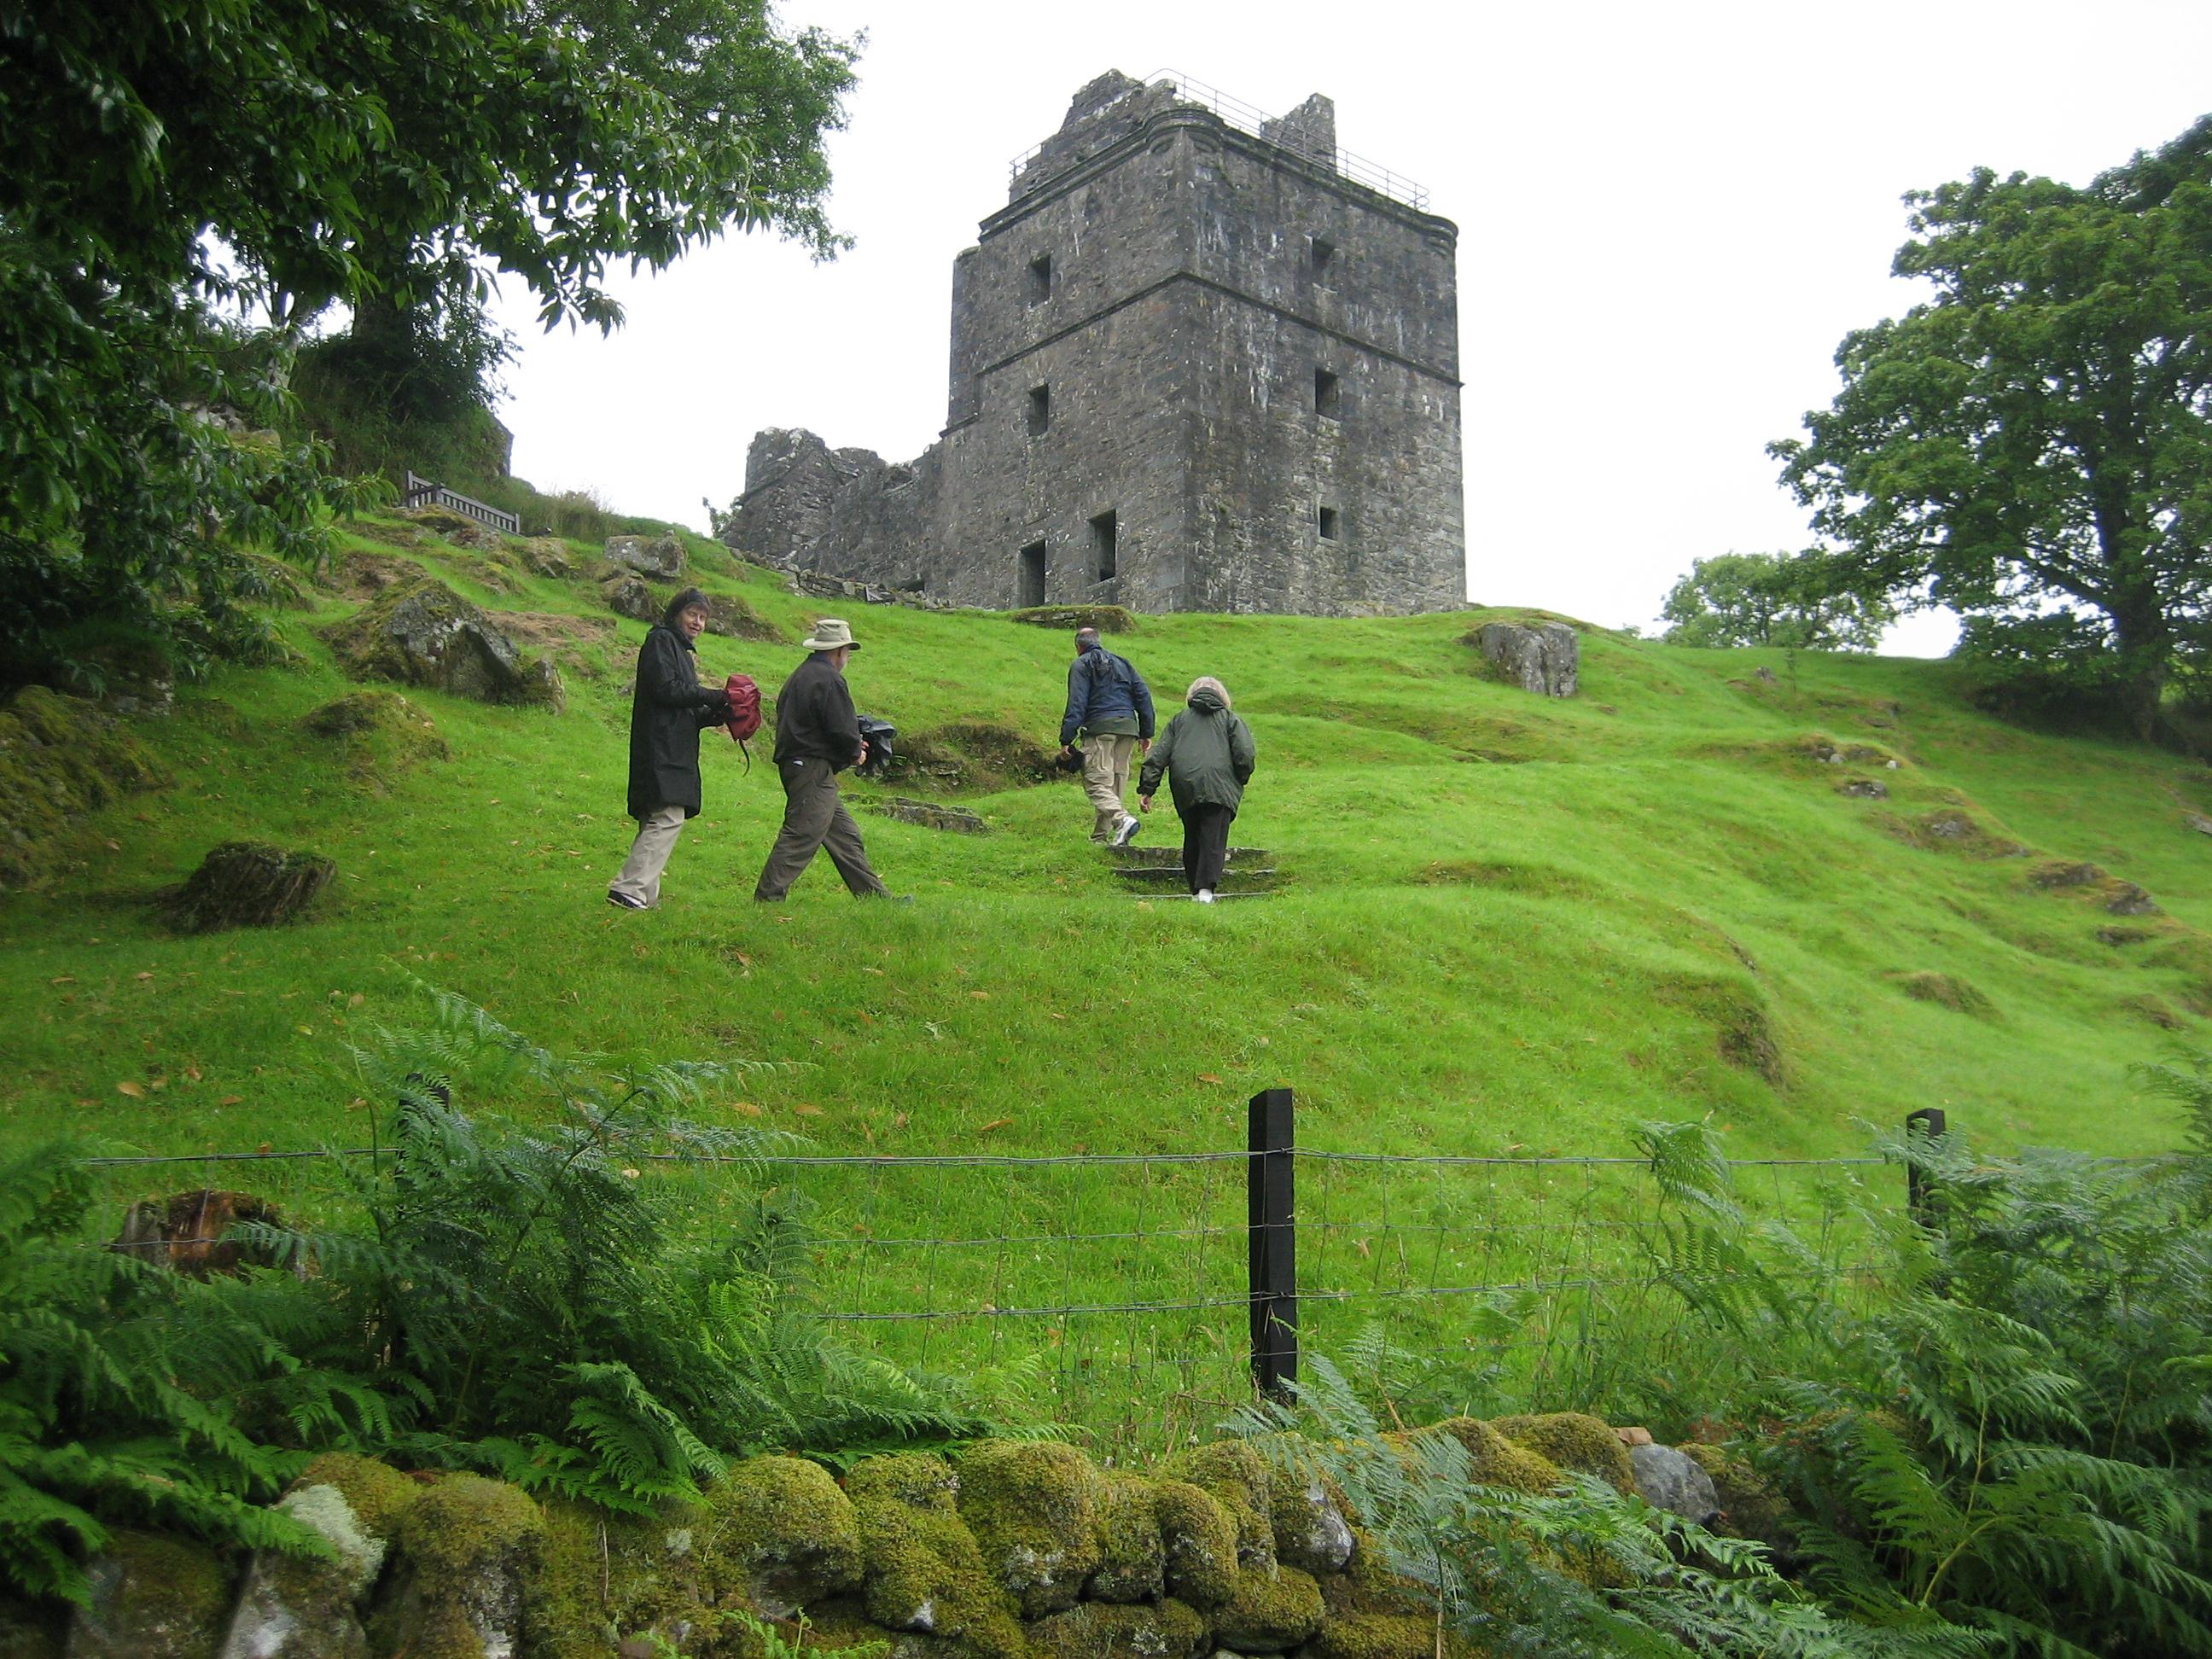 Approaching Carnesserie Castle